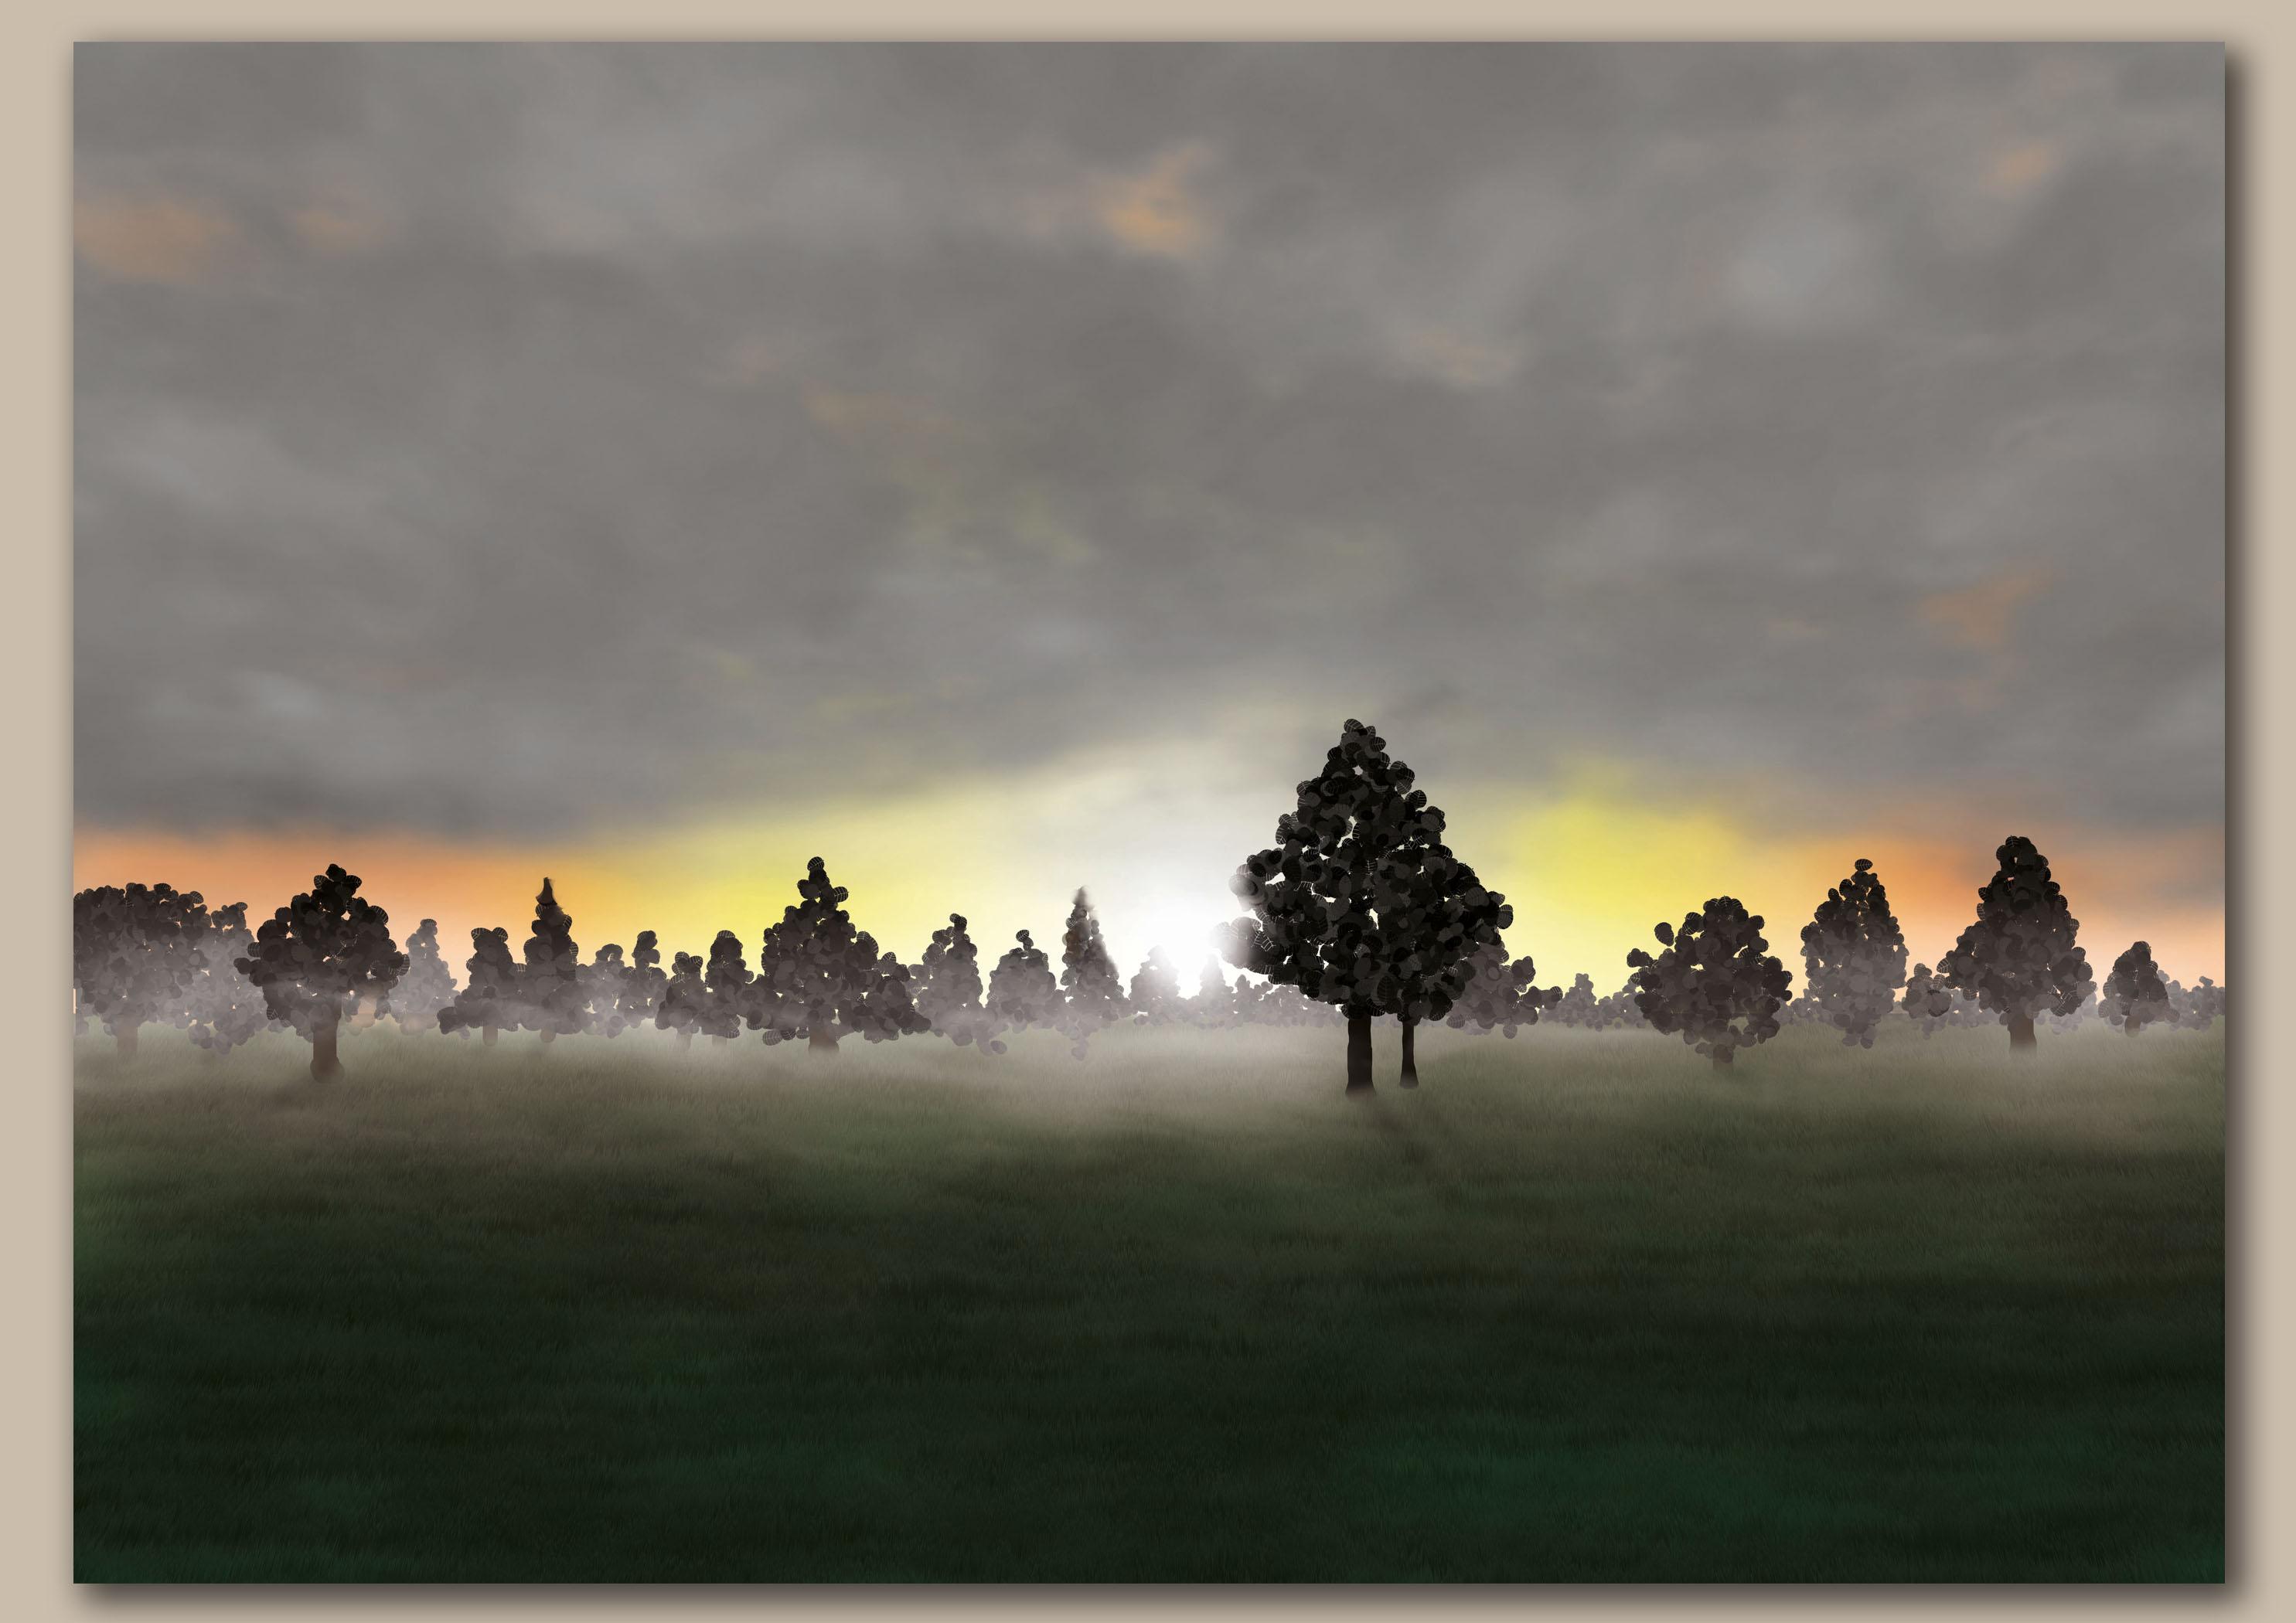 Opkomende zon door bomen over een weiland met vel wit licht